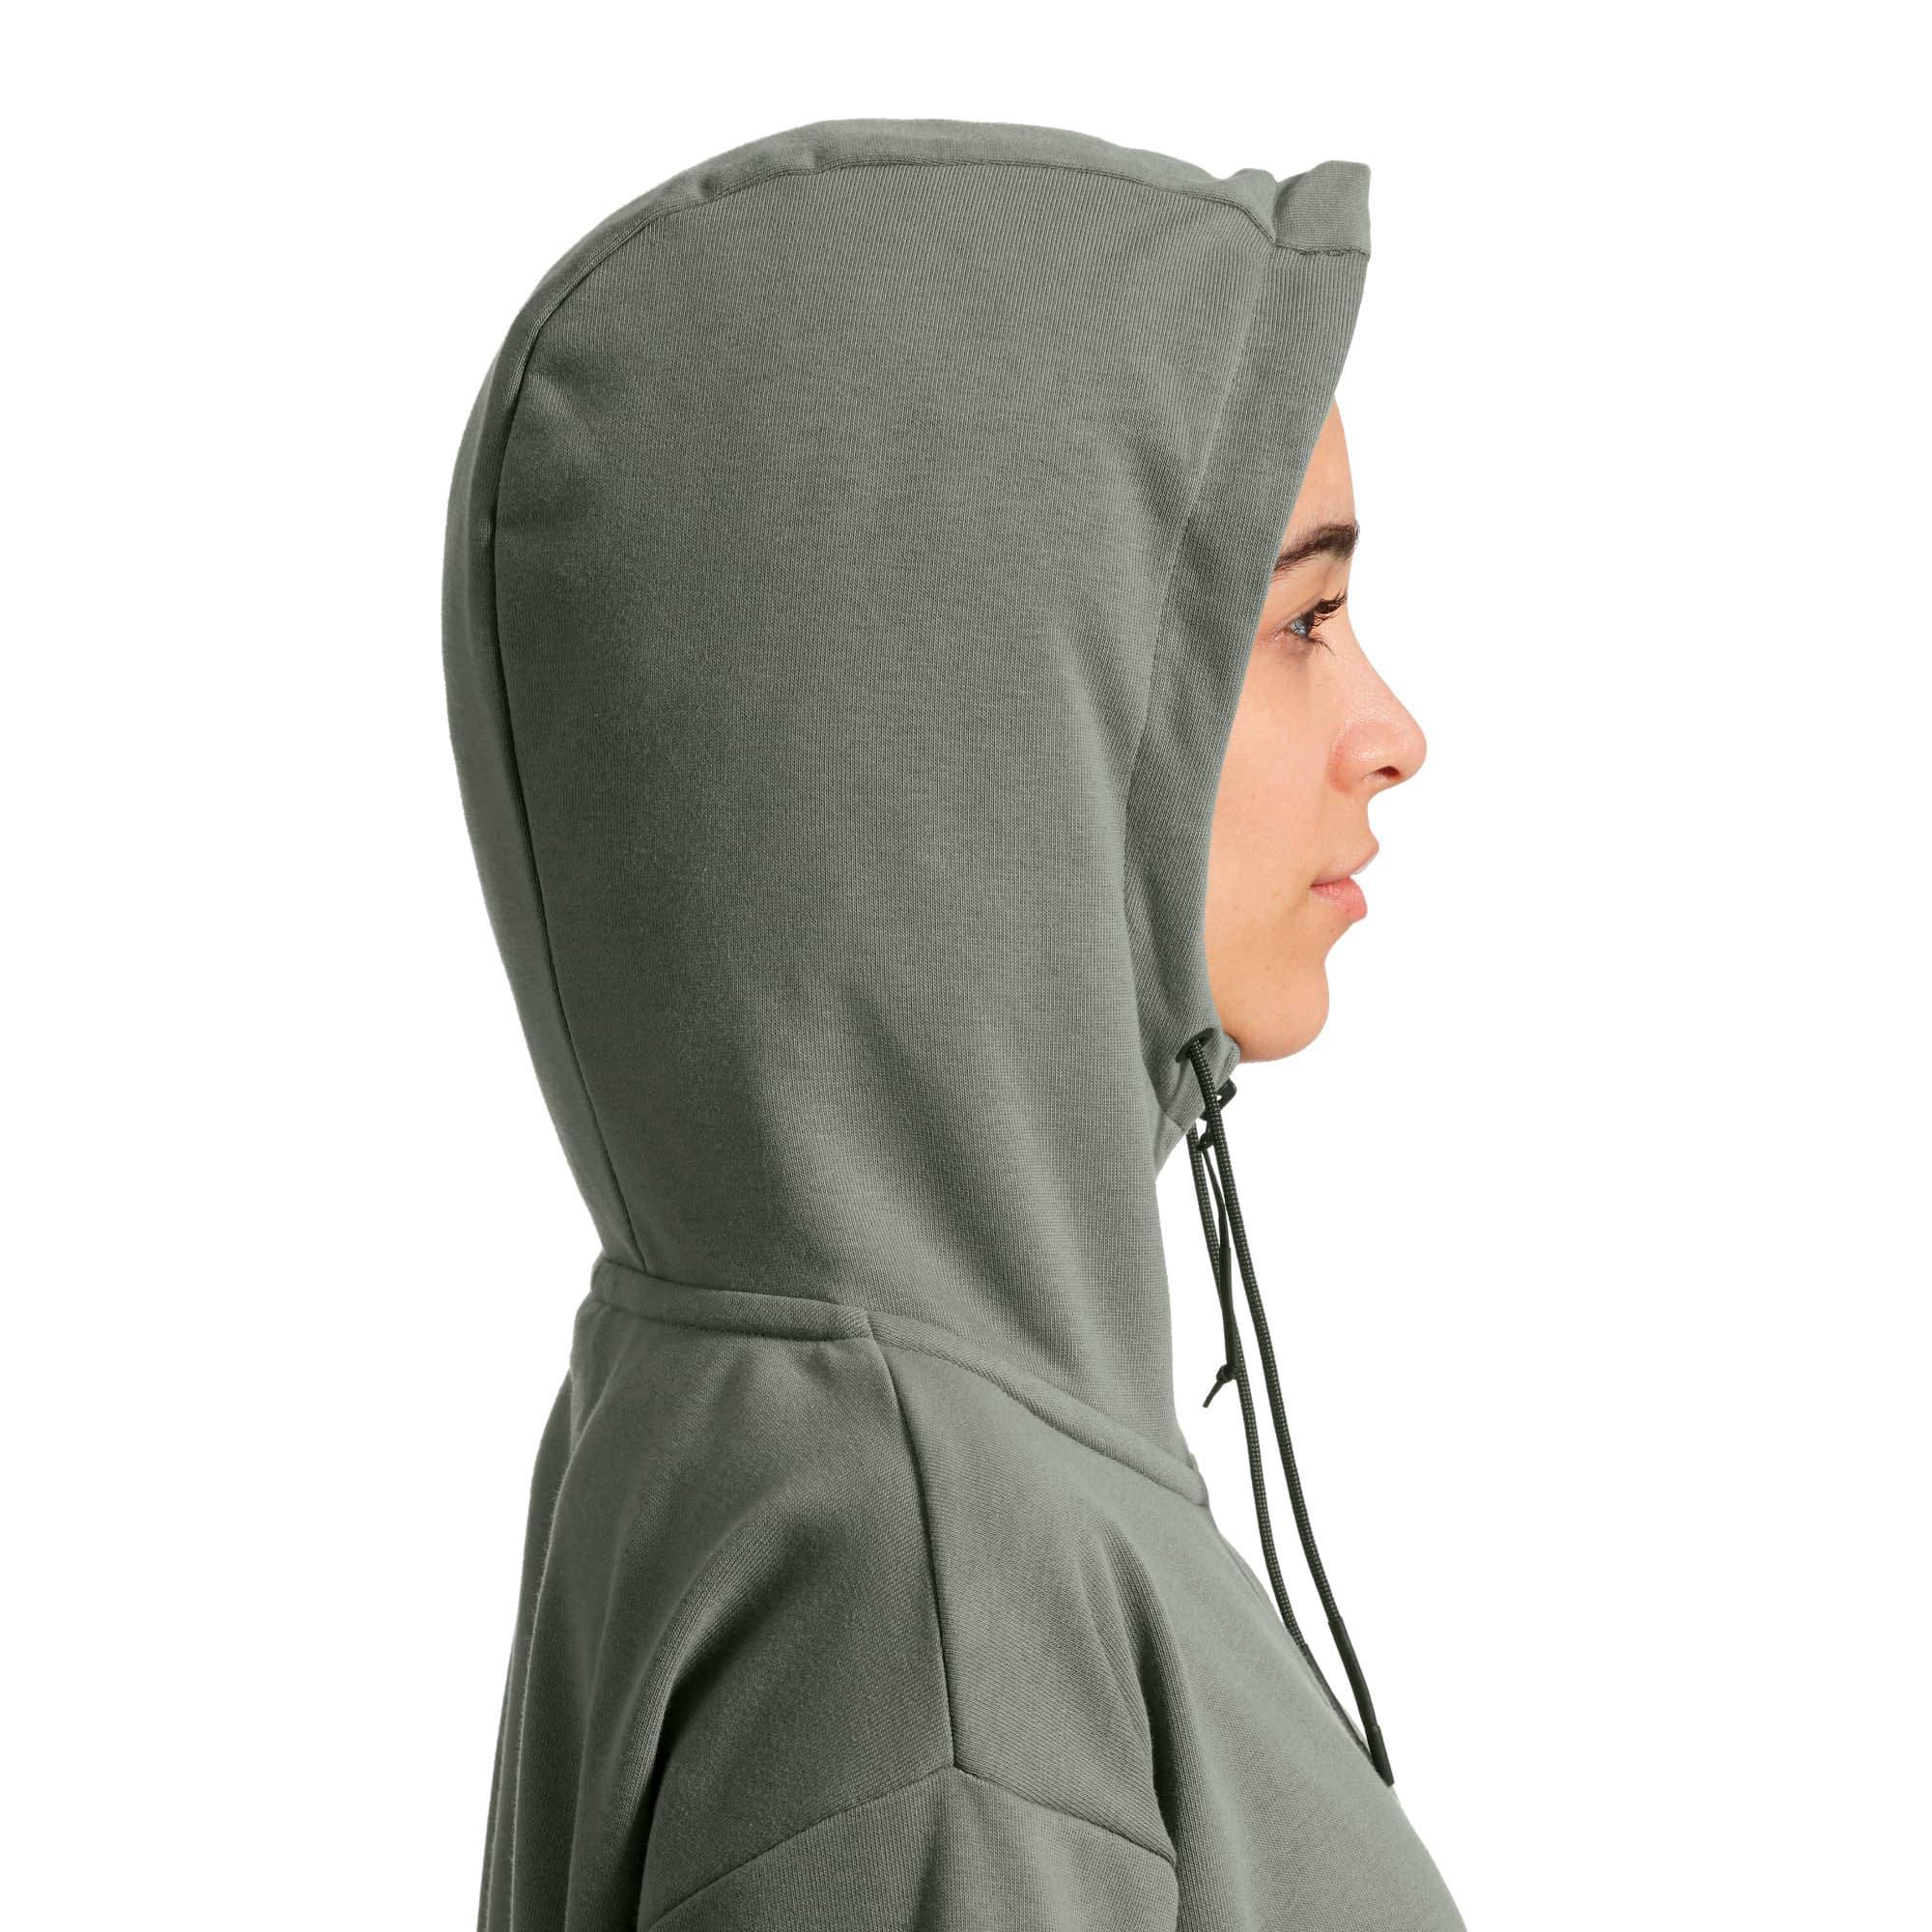 Thumbnail 4 of Scuderia Ferrari Lifestyle Women's Hooded Sweat Jacket, Laurel Wreath, medium